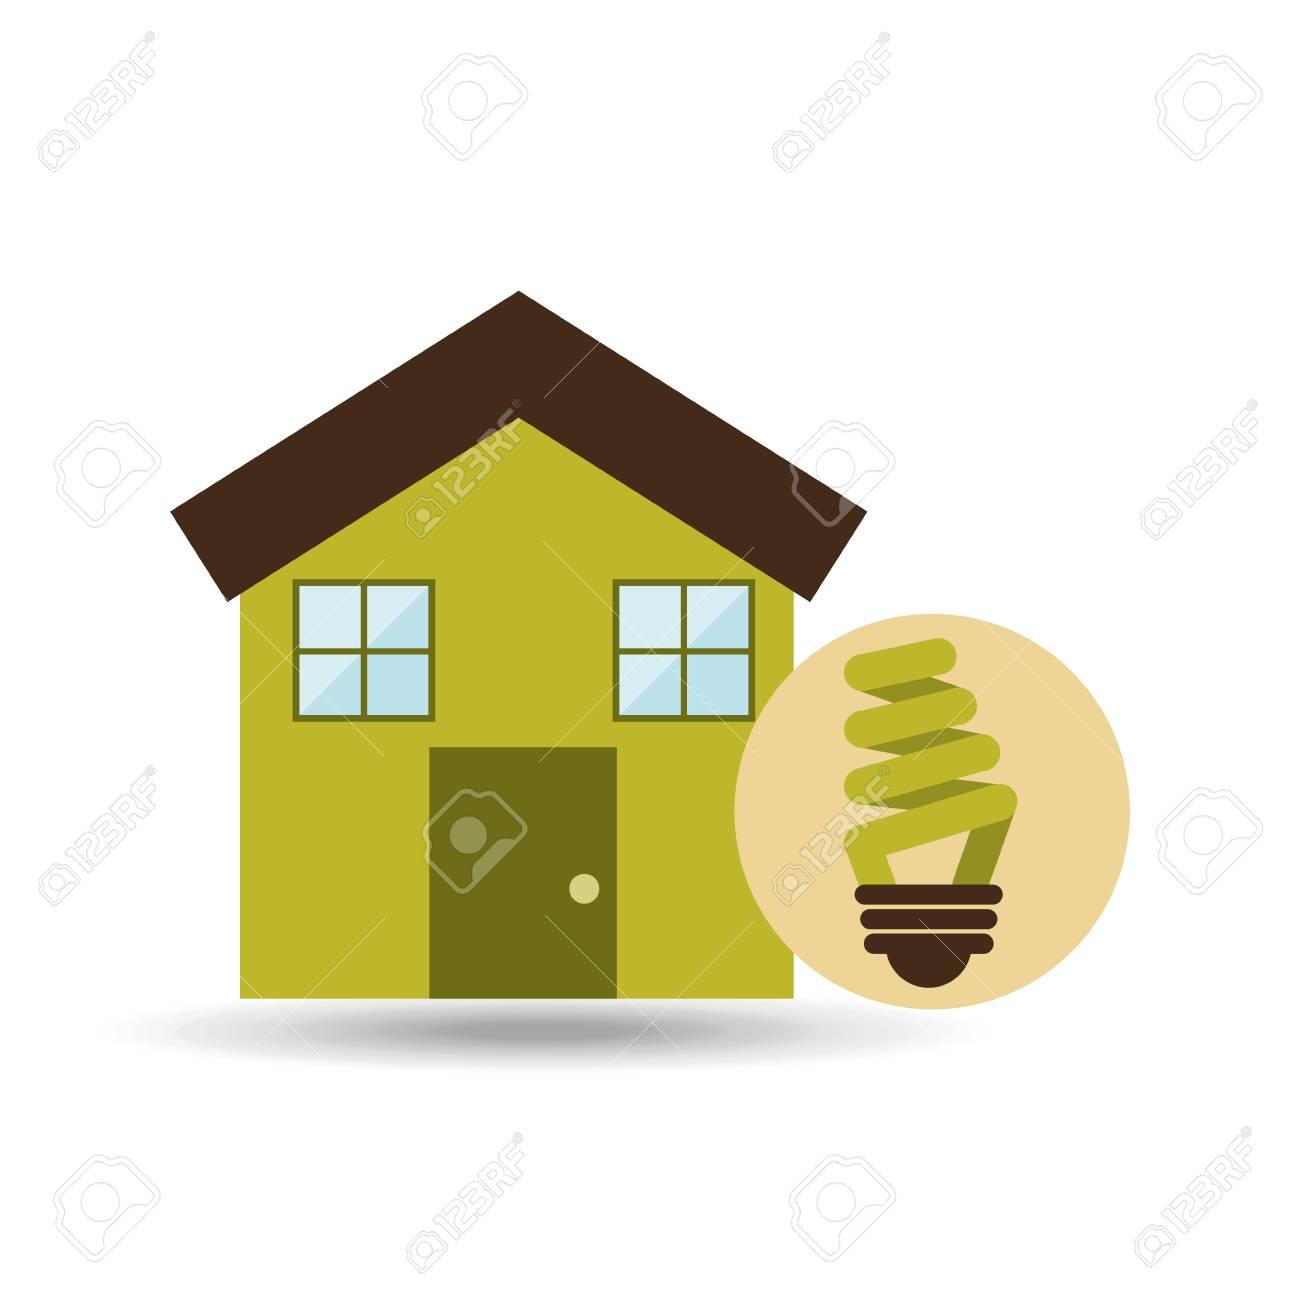 maison de l'écologie avec l'icône d'économie d'énergie, vecteur clip